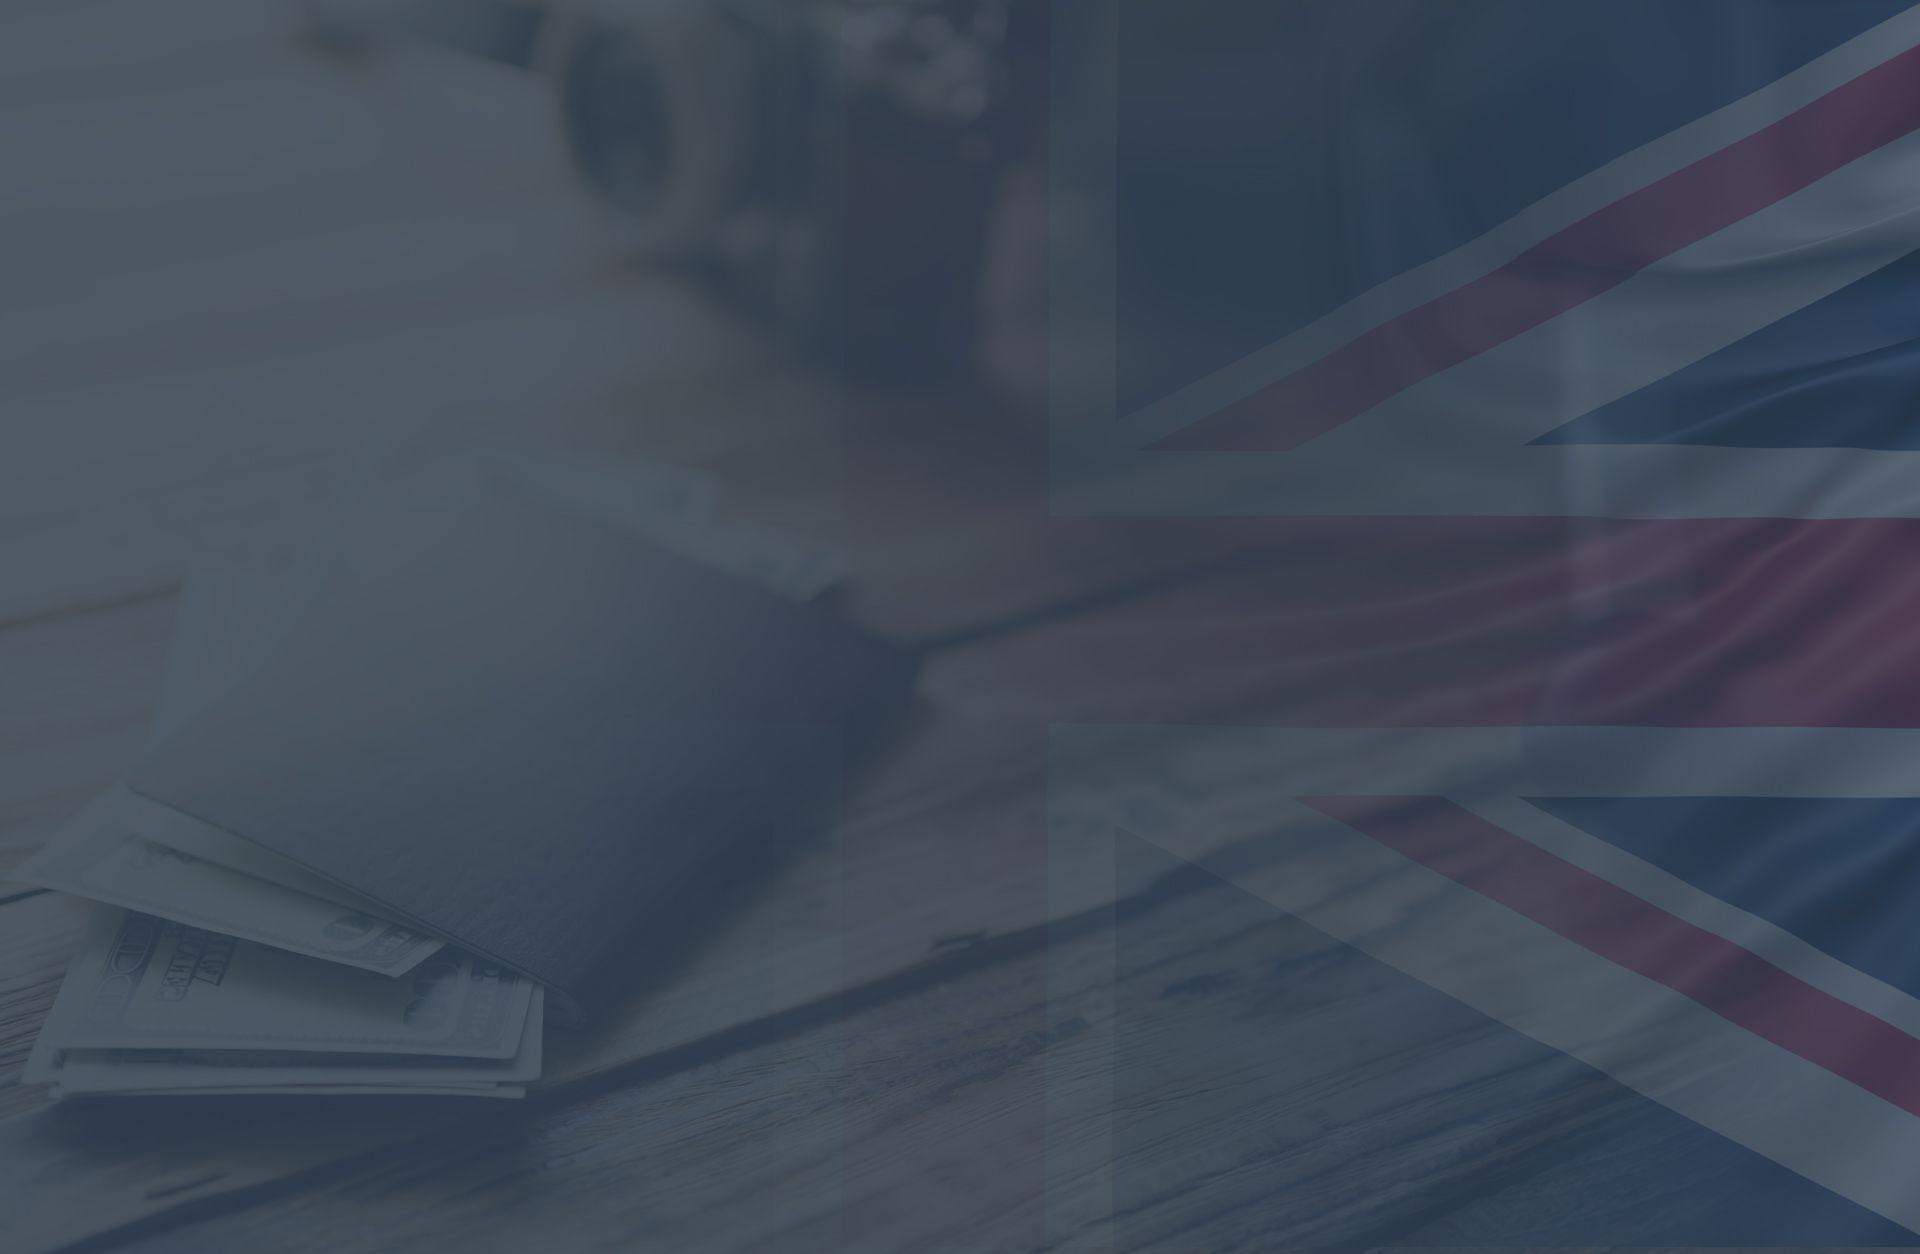 Uk Golabl Talent Visa Fees_Desktop